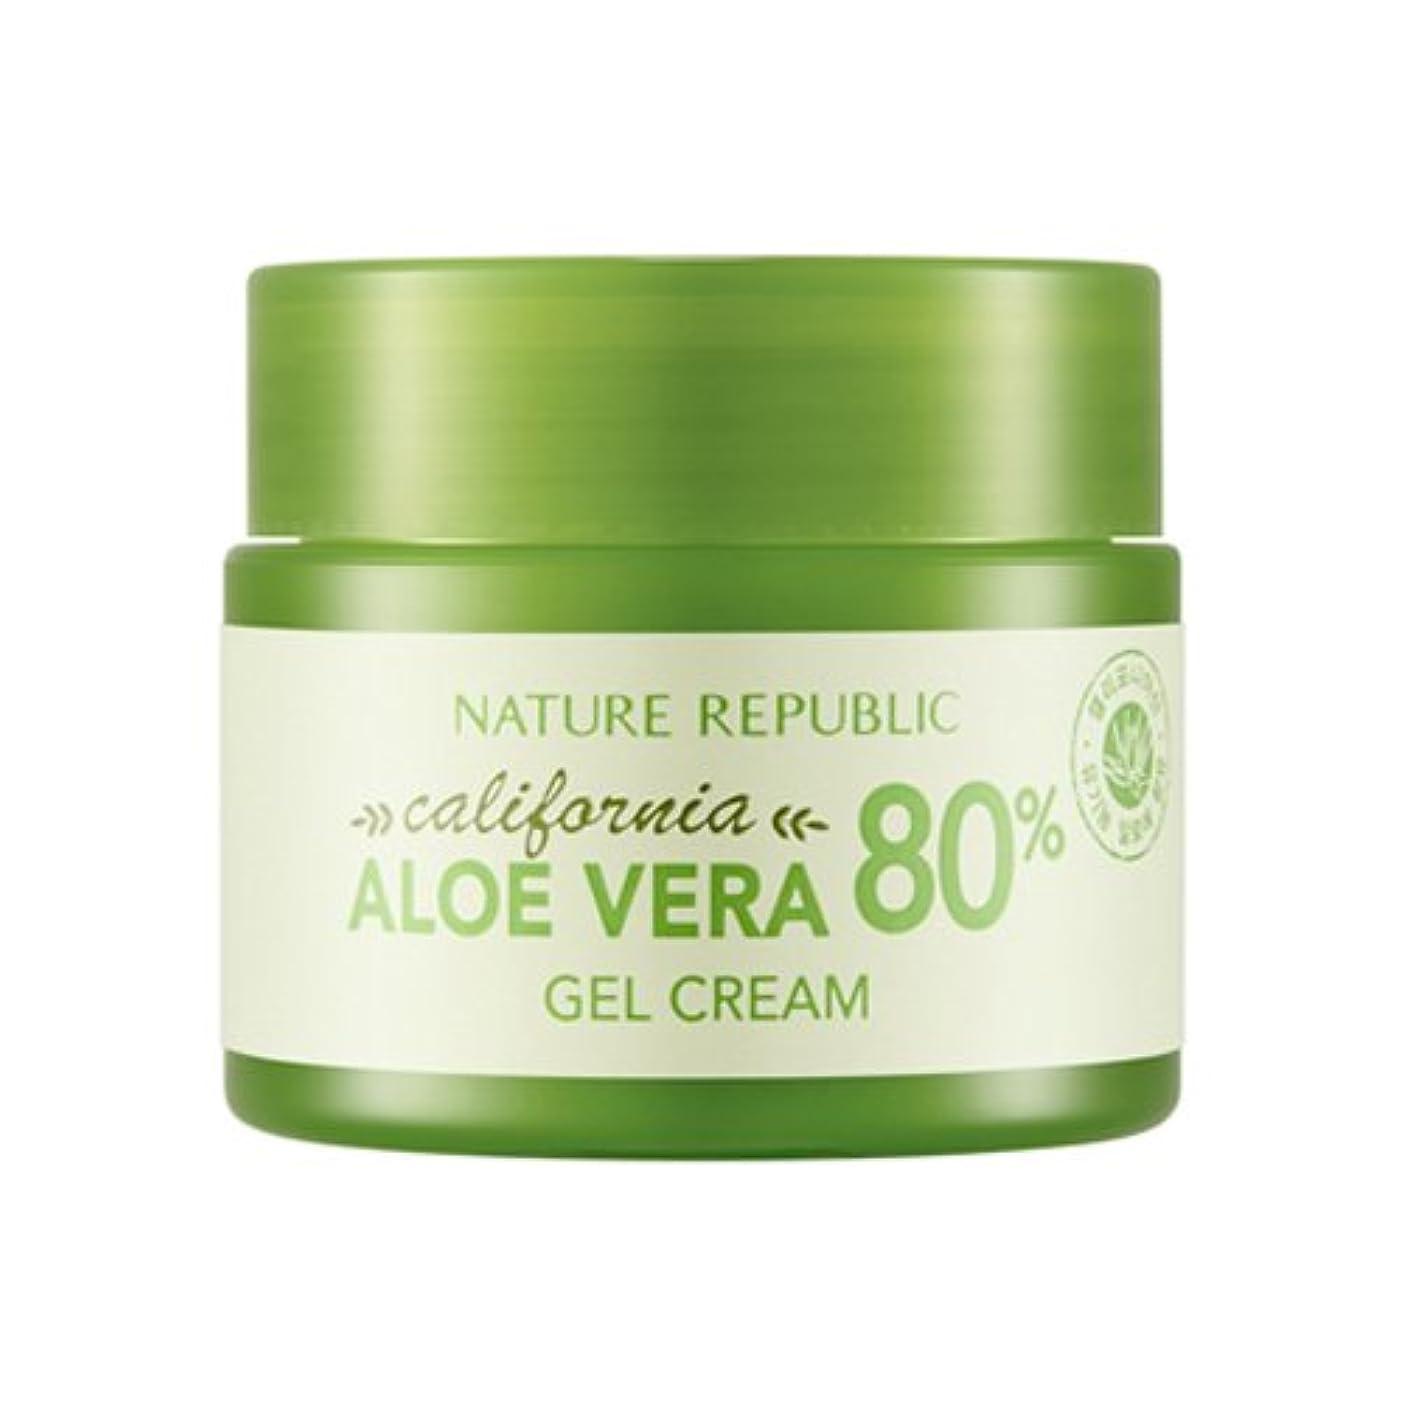 オデュッセウスいうオデュッセウス[ネイチャーリパブリック] Nature Republic カリフォルニアアロエベラ80%のゲルクリーム California Aloe Vera 80% Gel Cream [並行輸入品]